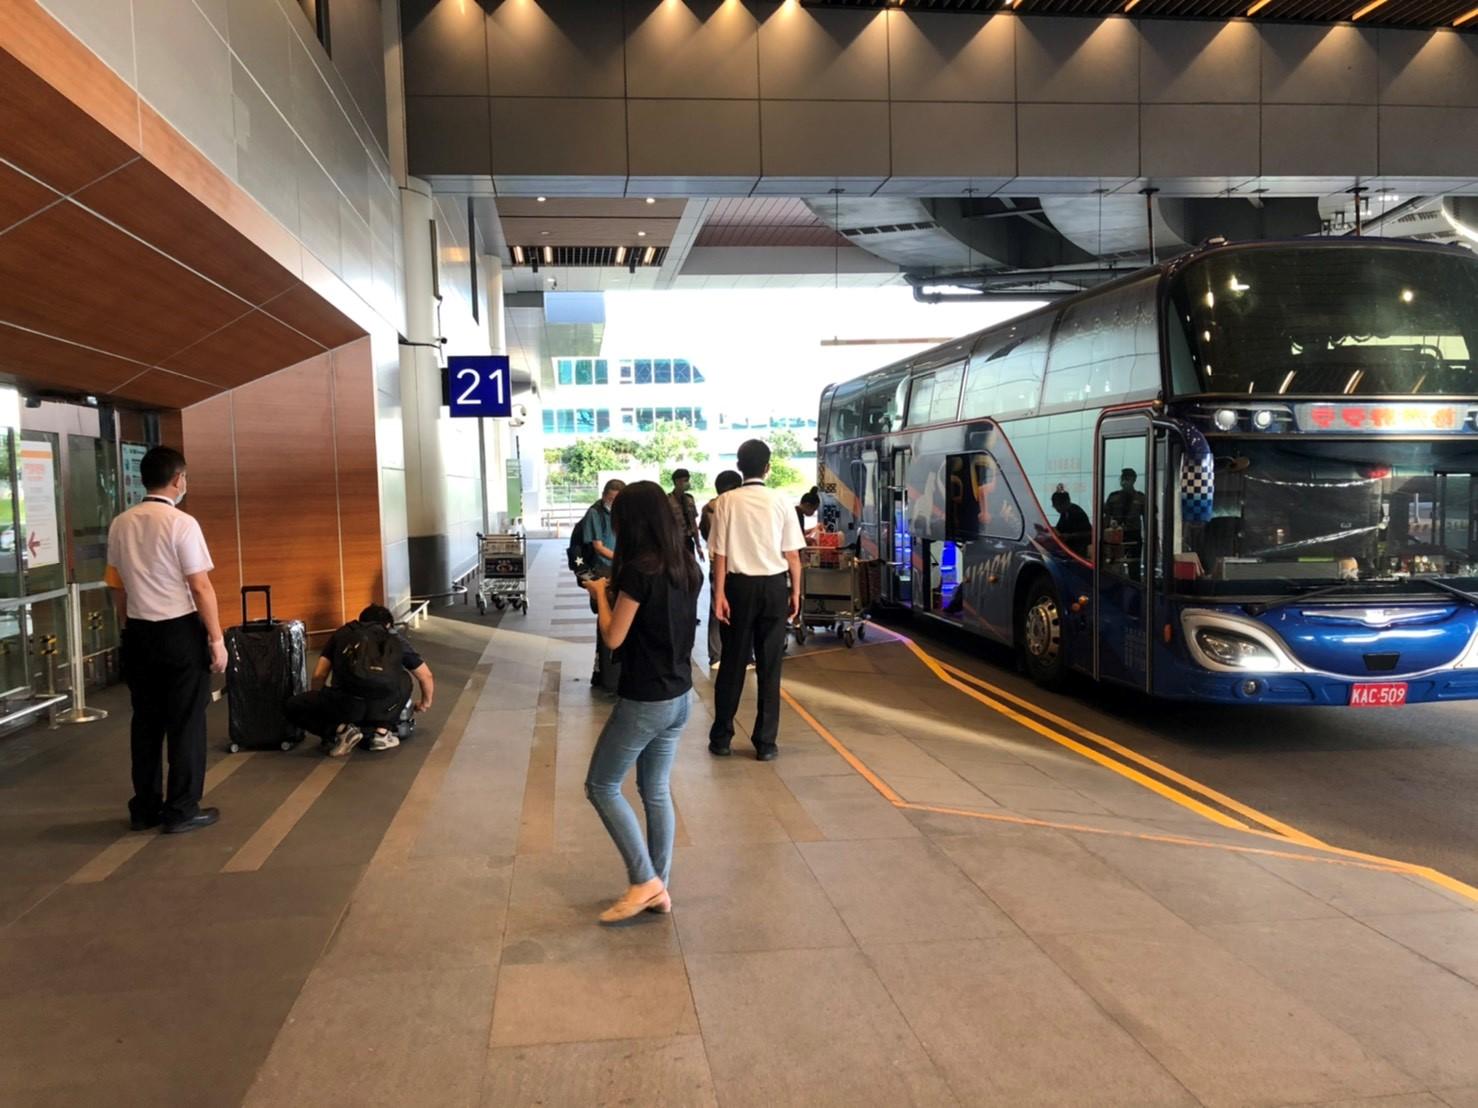 搭乘防疫巴士準備離開機場